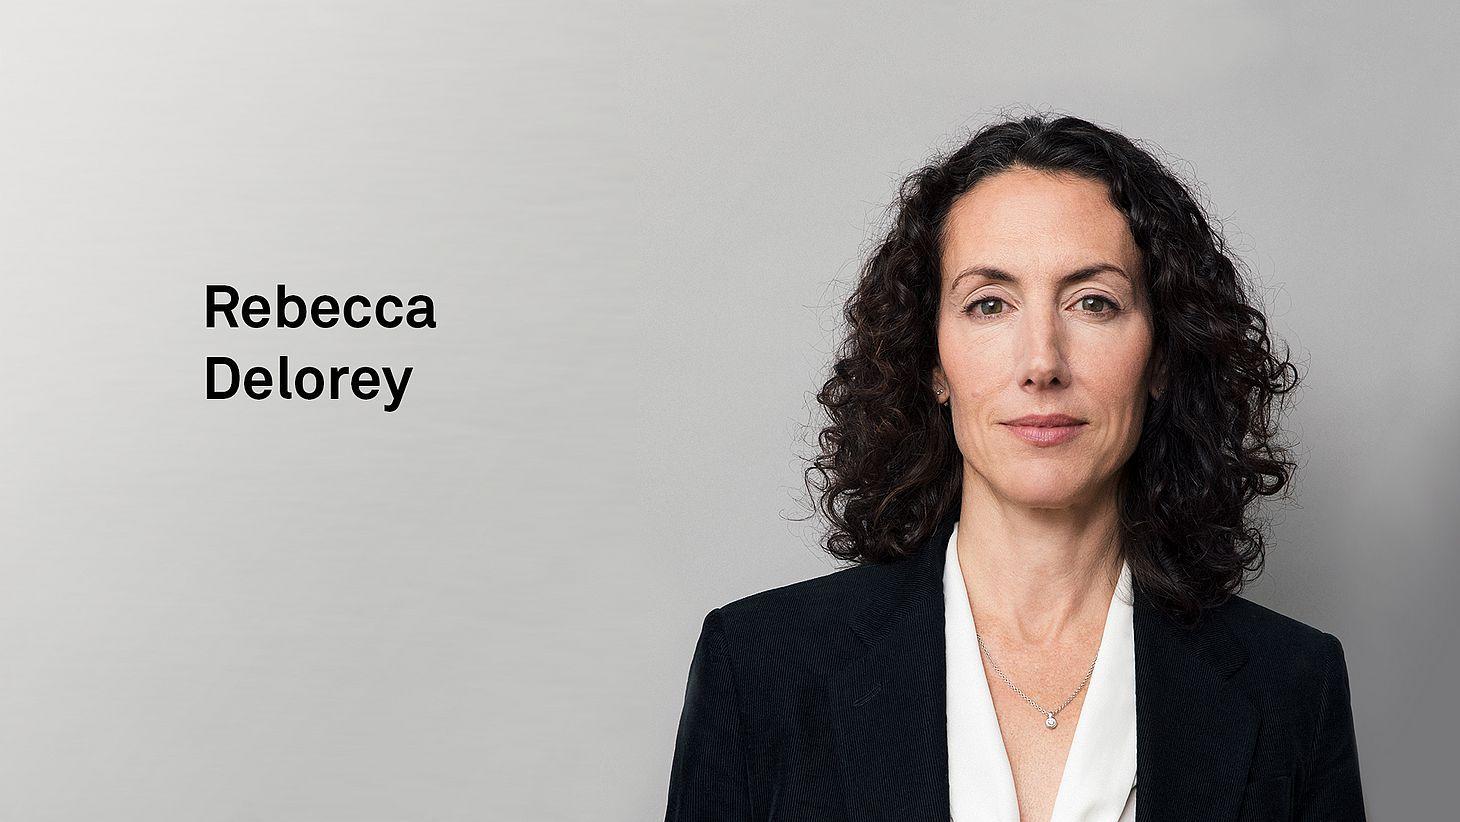 Rebecca Delorey